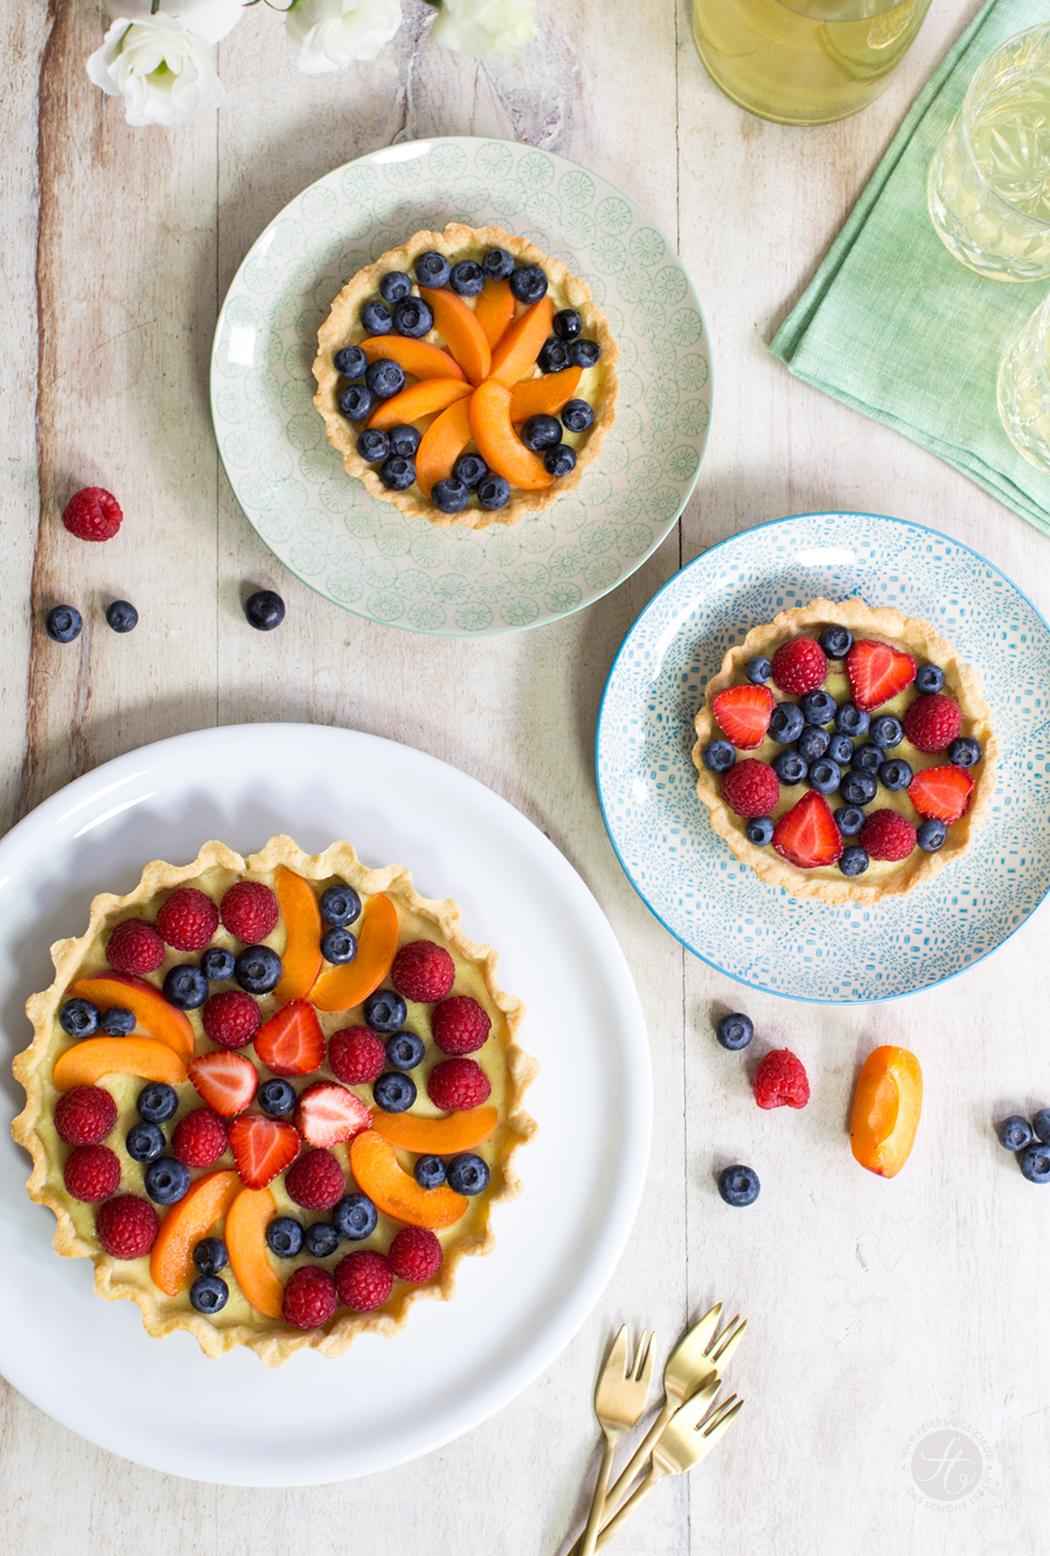 Happy-Hippie-Tartes mit Sommerbeeren und Aprikosen auf Kokoscreme | Rezept von feiertäglich.de